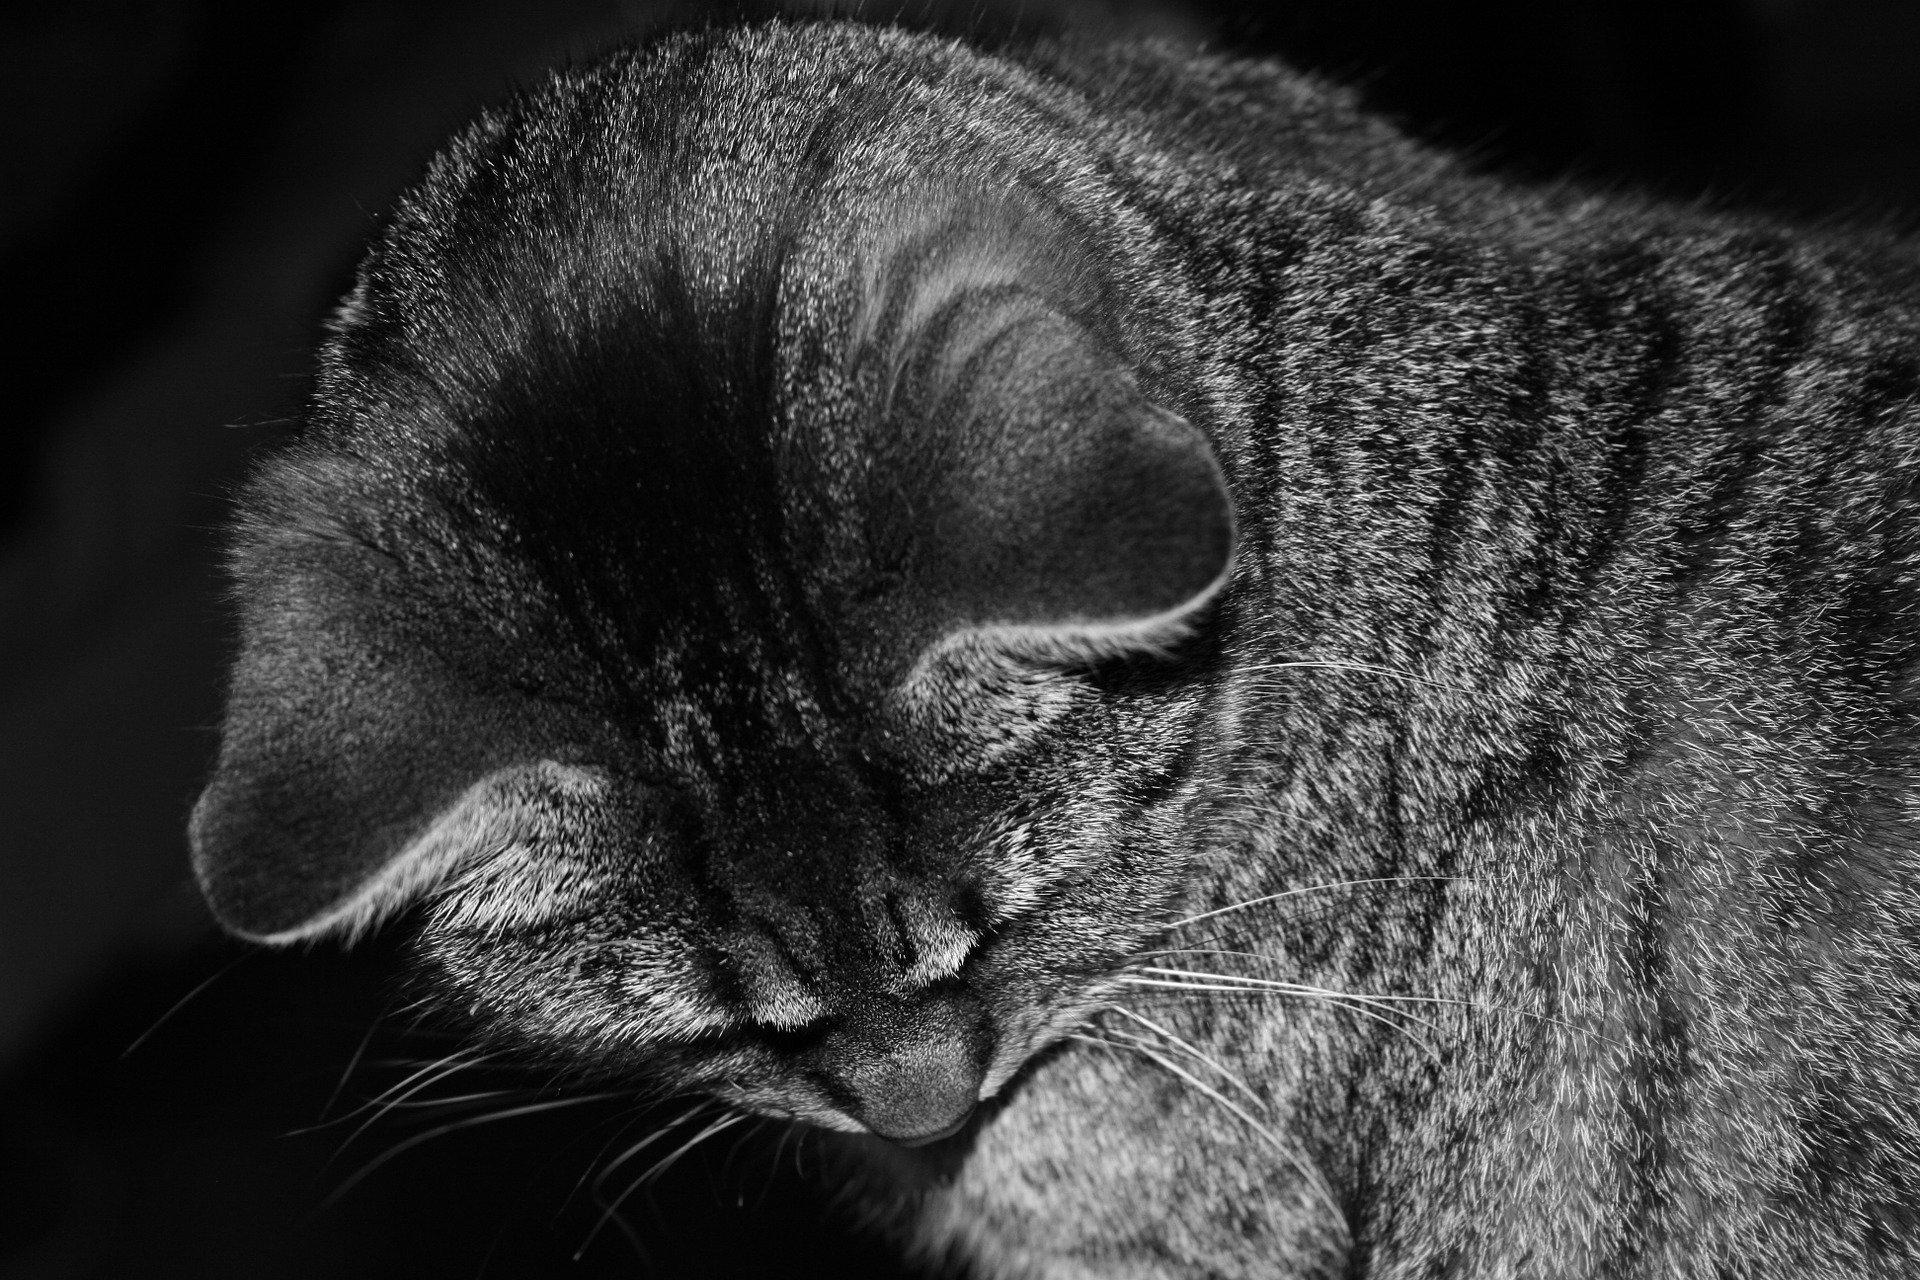 Le orecchie calde di un gatto, cosa vogliono segnalare?